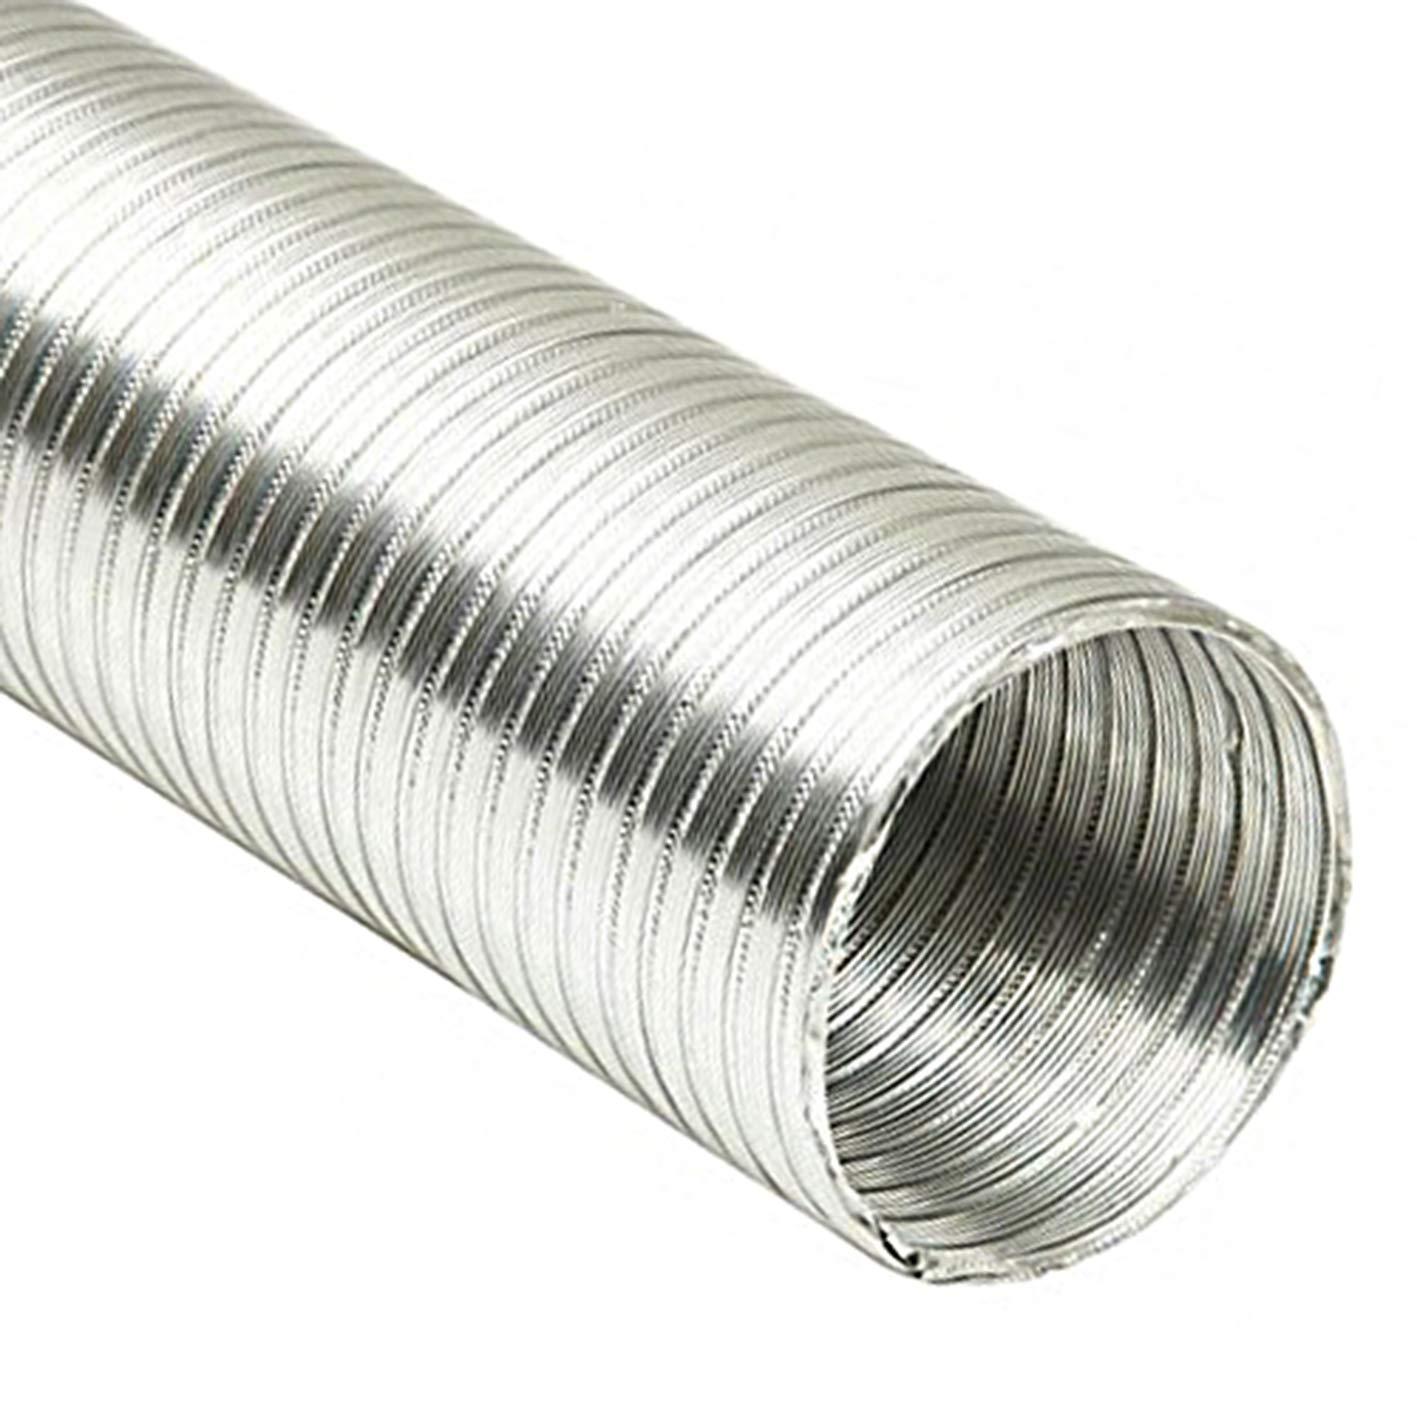 Prodmax - Tubo flexible, de aluminio, 3 m, disponible en todos los tamañ os